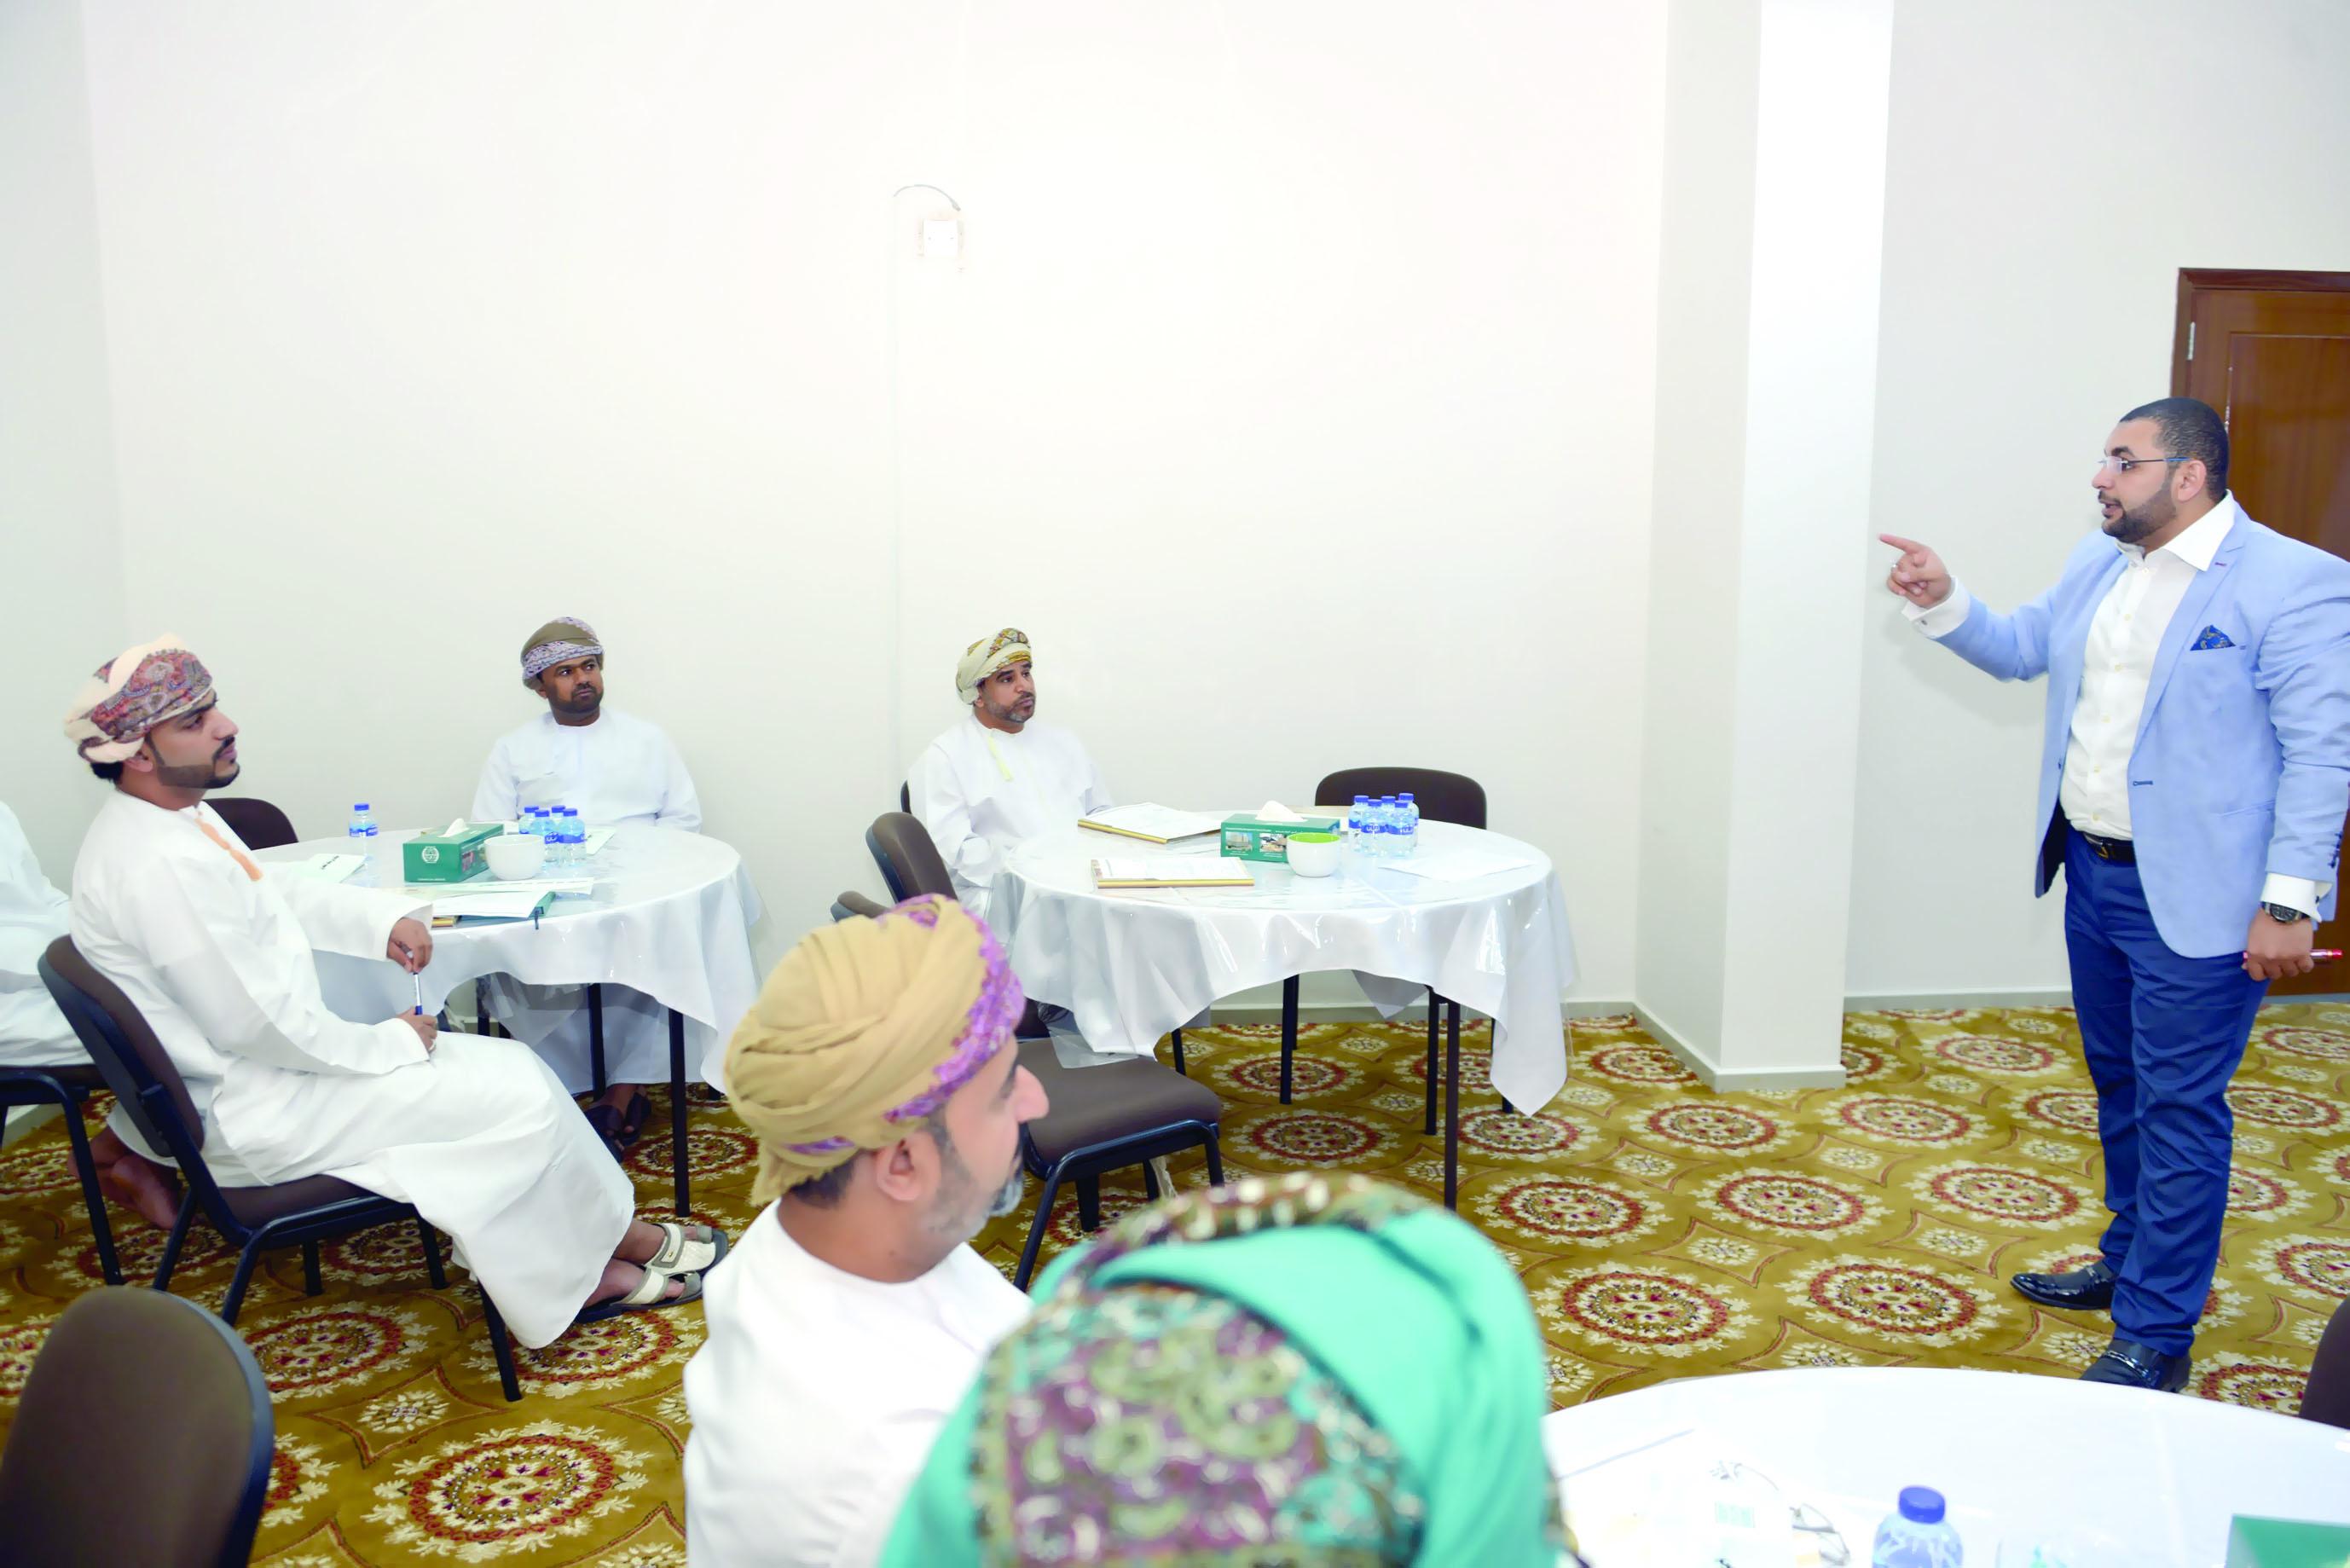 معهد الإدارة العامة ينفذ أربعة برامج تدريبية